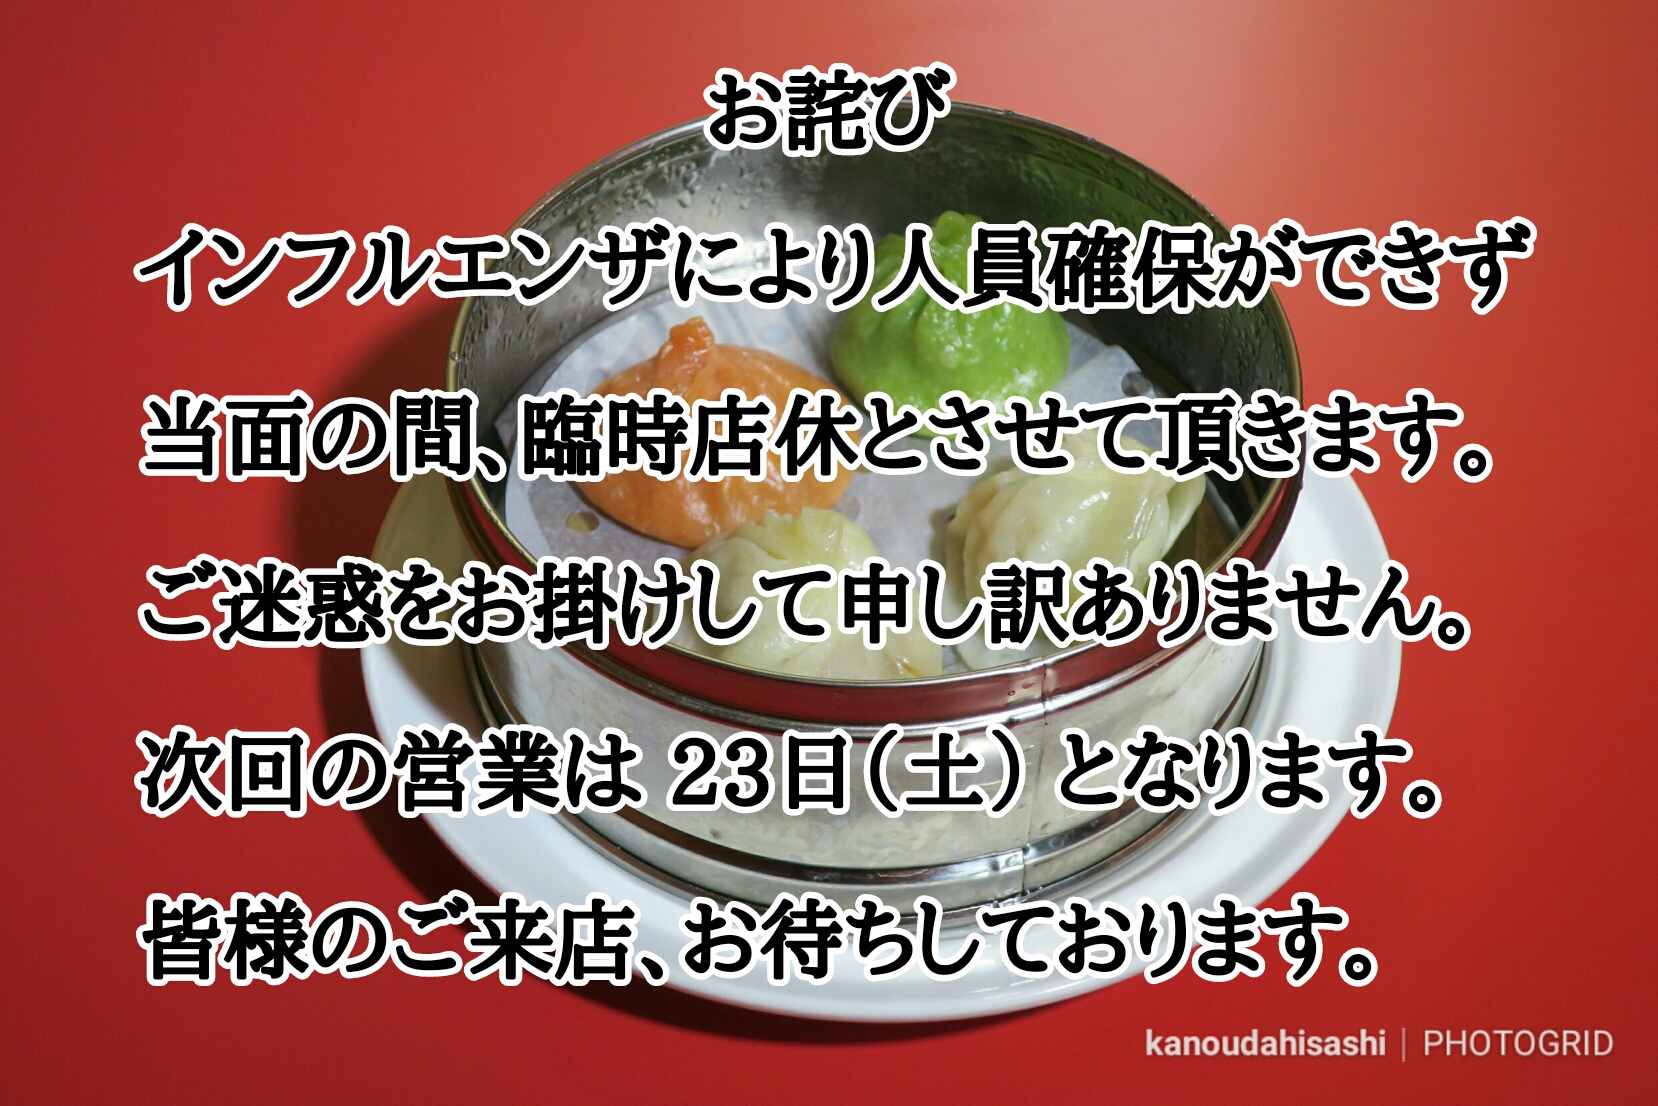 お詫びとお知らせ  佐貫居酒屋バル 麺's BAR 叶多寿page-visual お詫びとお知らせ  佐貫居酒屋バル 麺's BAR 叶多寿ビジュアル